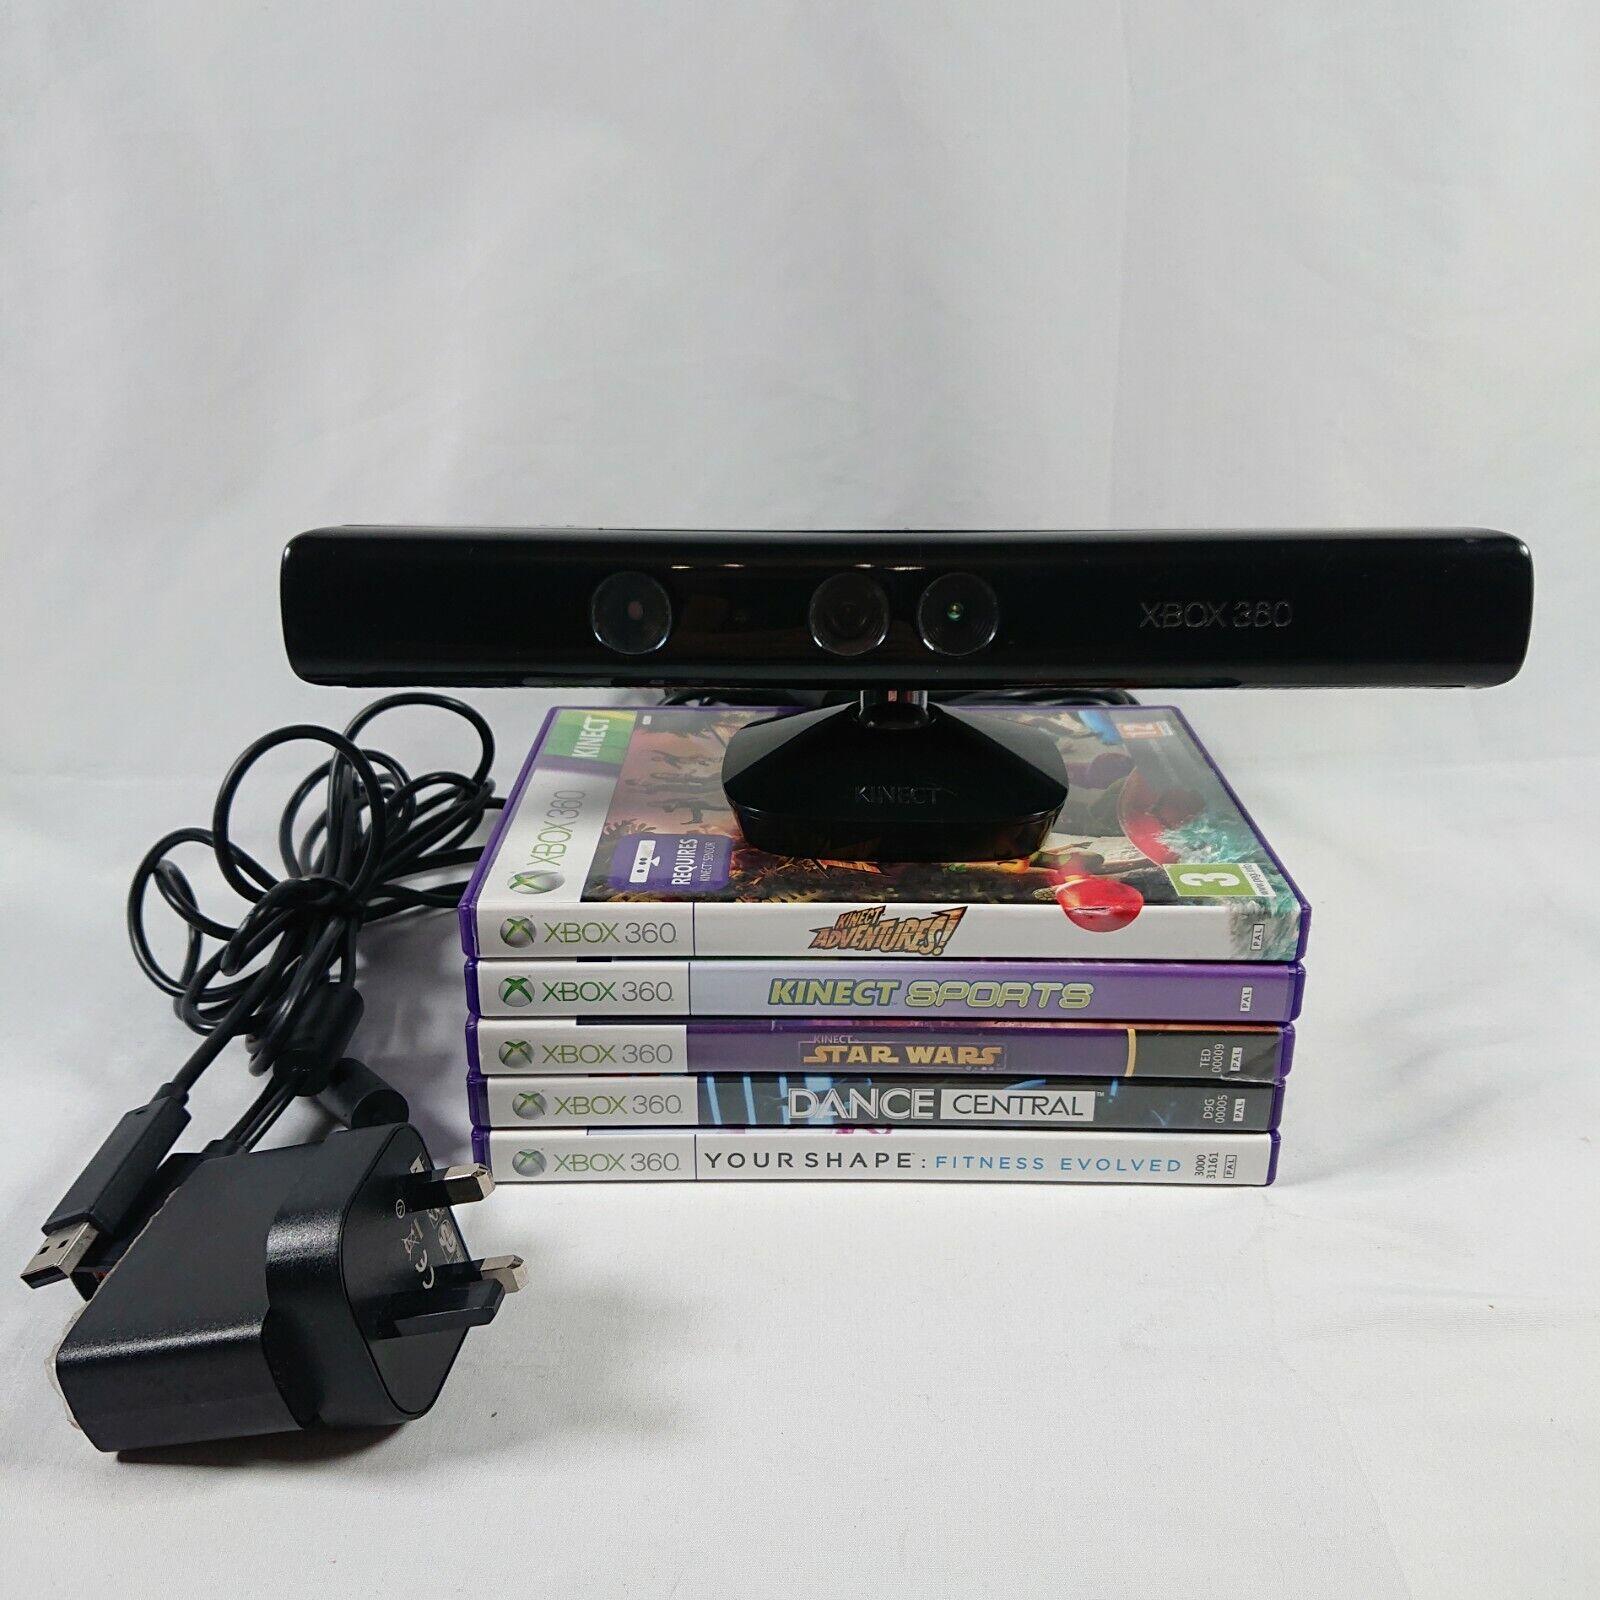 Xbox 360 Kinect Sensor Model 1414 Tested with Mains Plug 5 Kinect Games Bundle